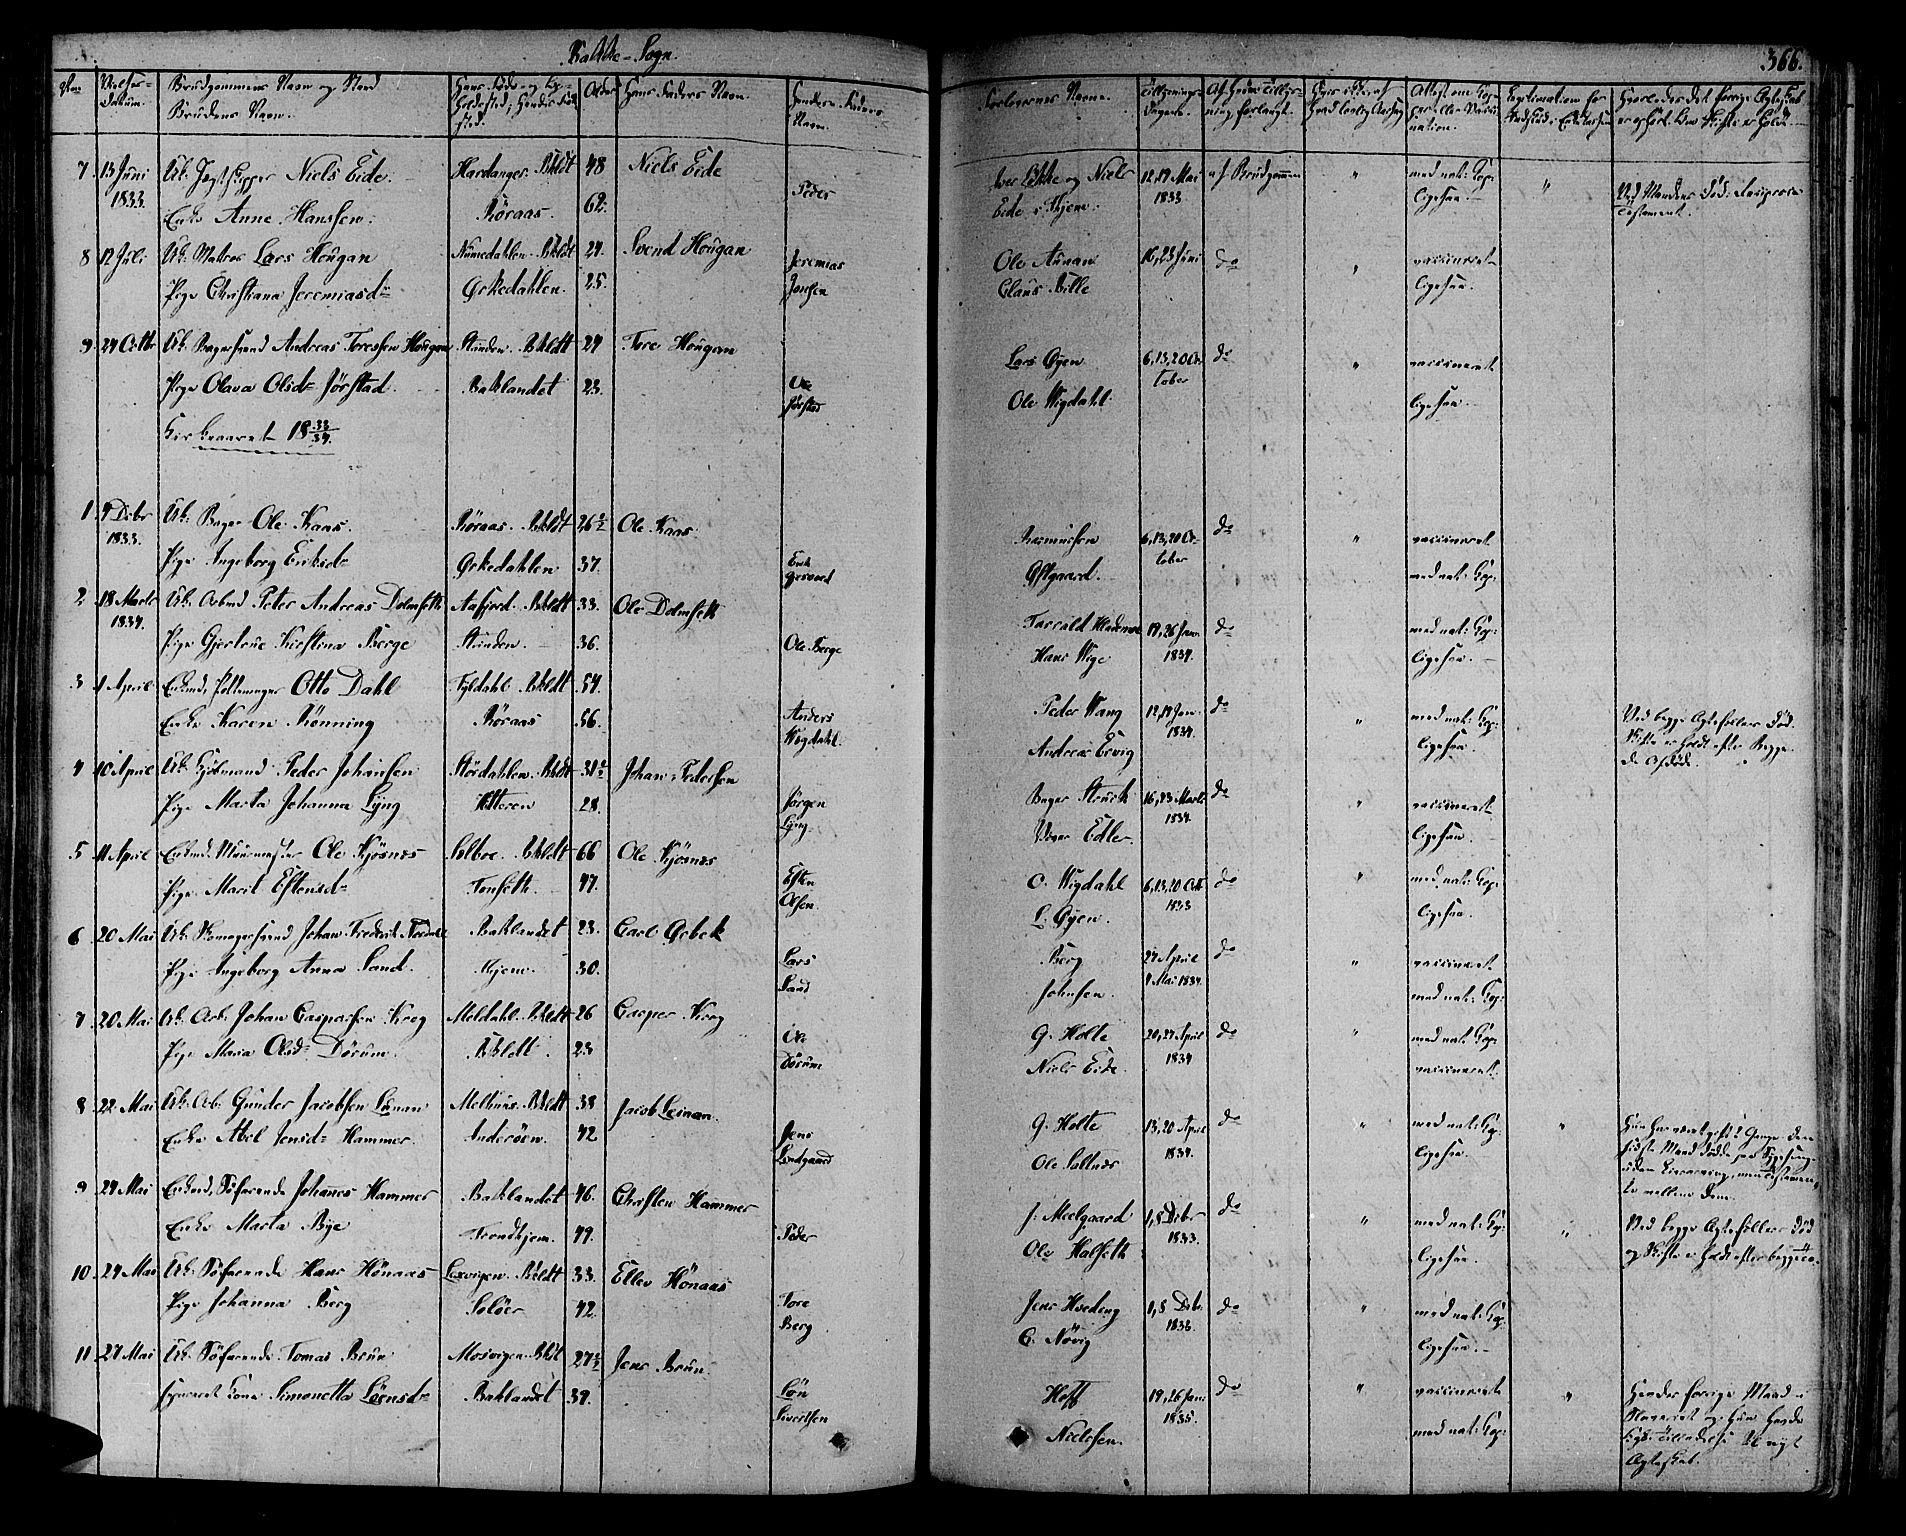 SAT, Ministerialprotokoller, klokkerbøker og fødselsregistre - Sør-Trøndelag, 606/L0287: Ministerialbok nr. 606A04 /2, 1826-1840, s. 366